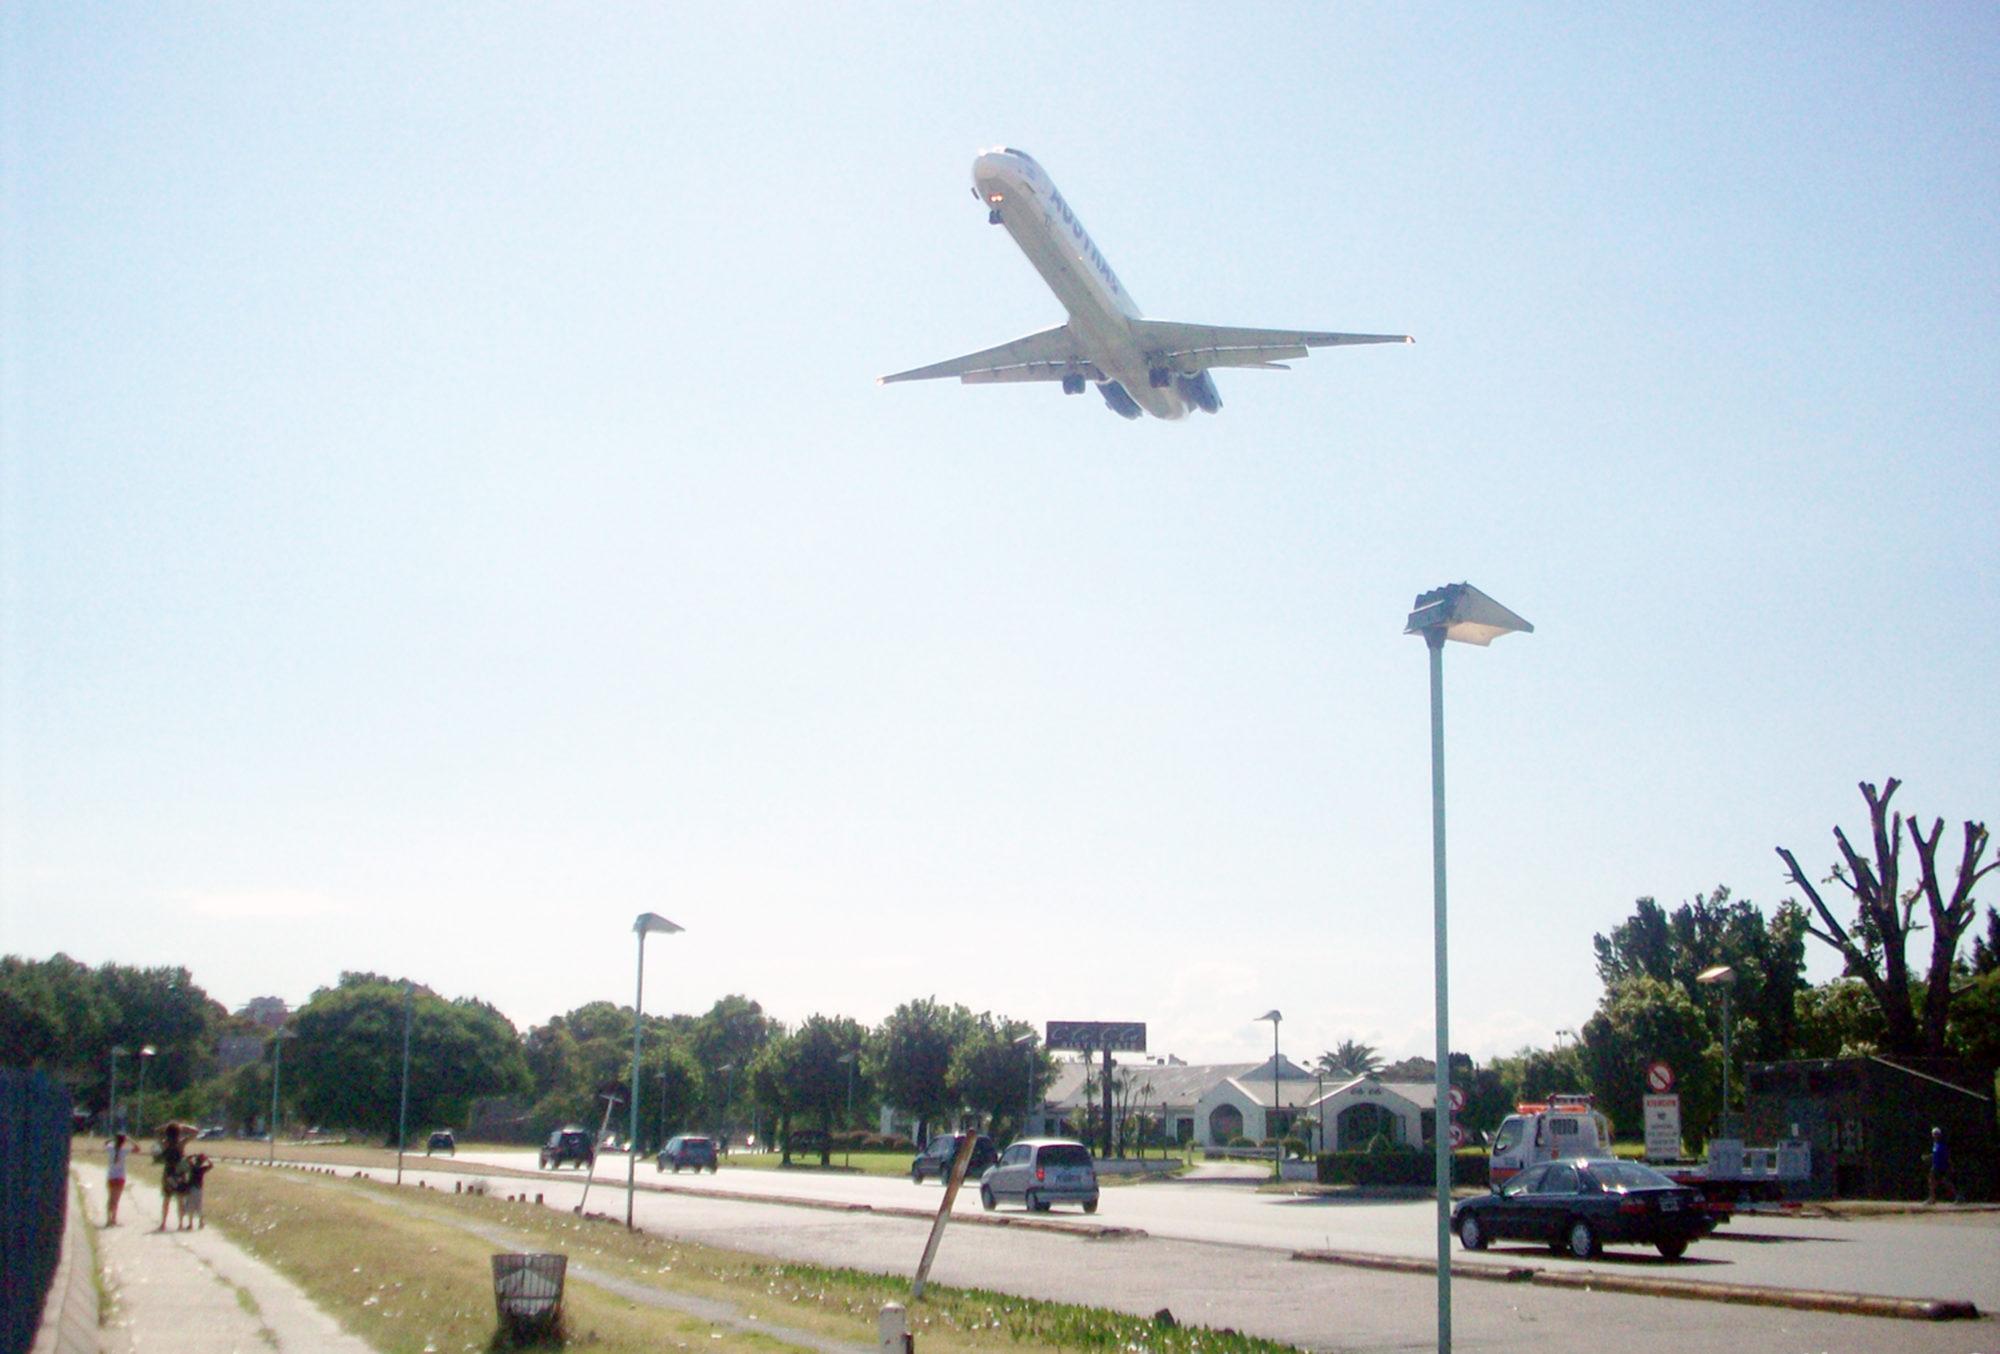 aeroparque aeroporto buenos aires voli internazionali